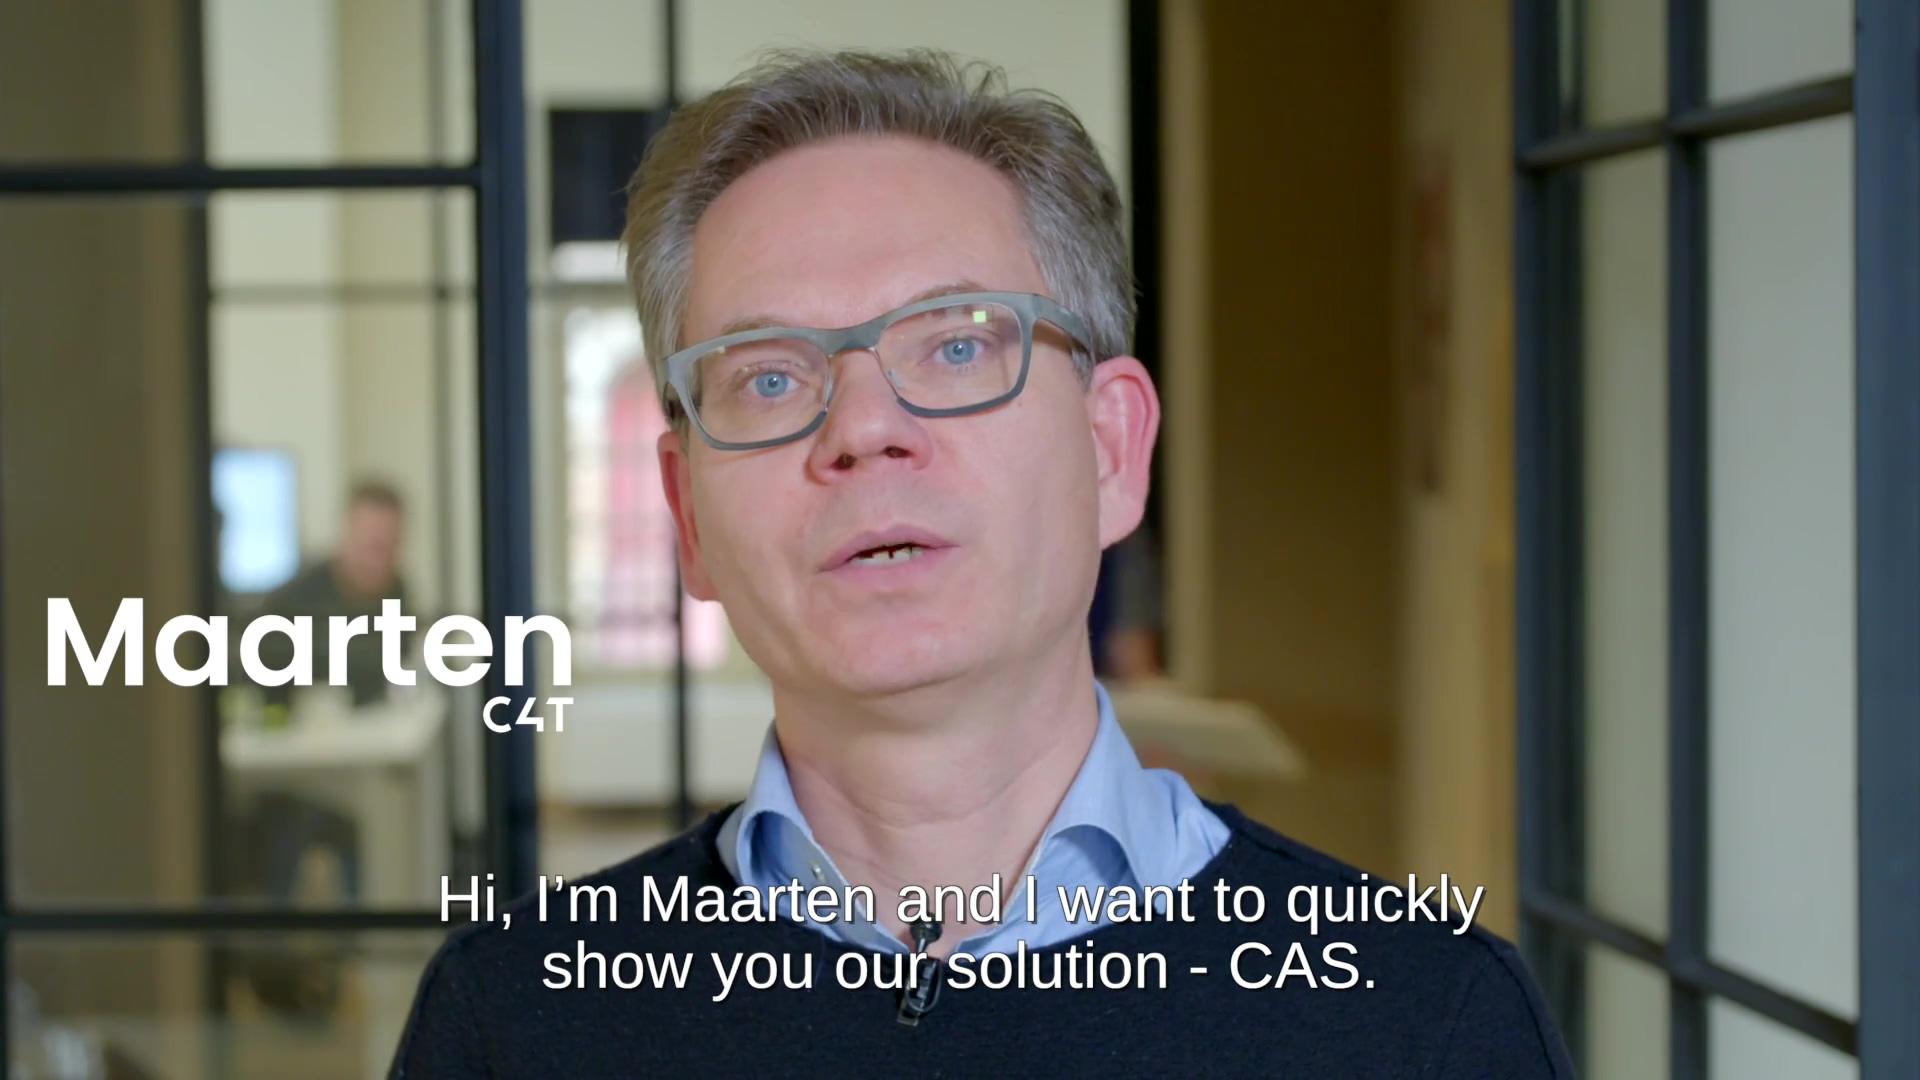 CAS Demo Subtitled